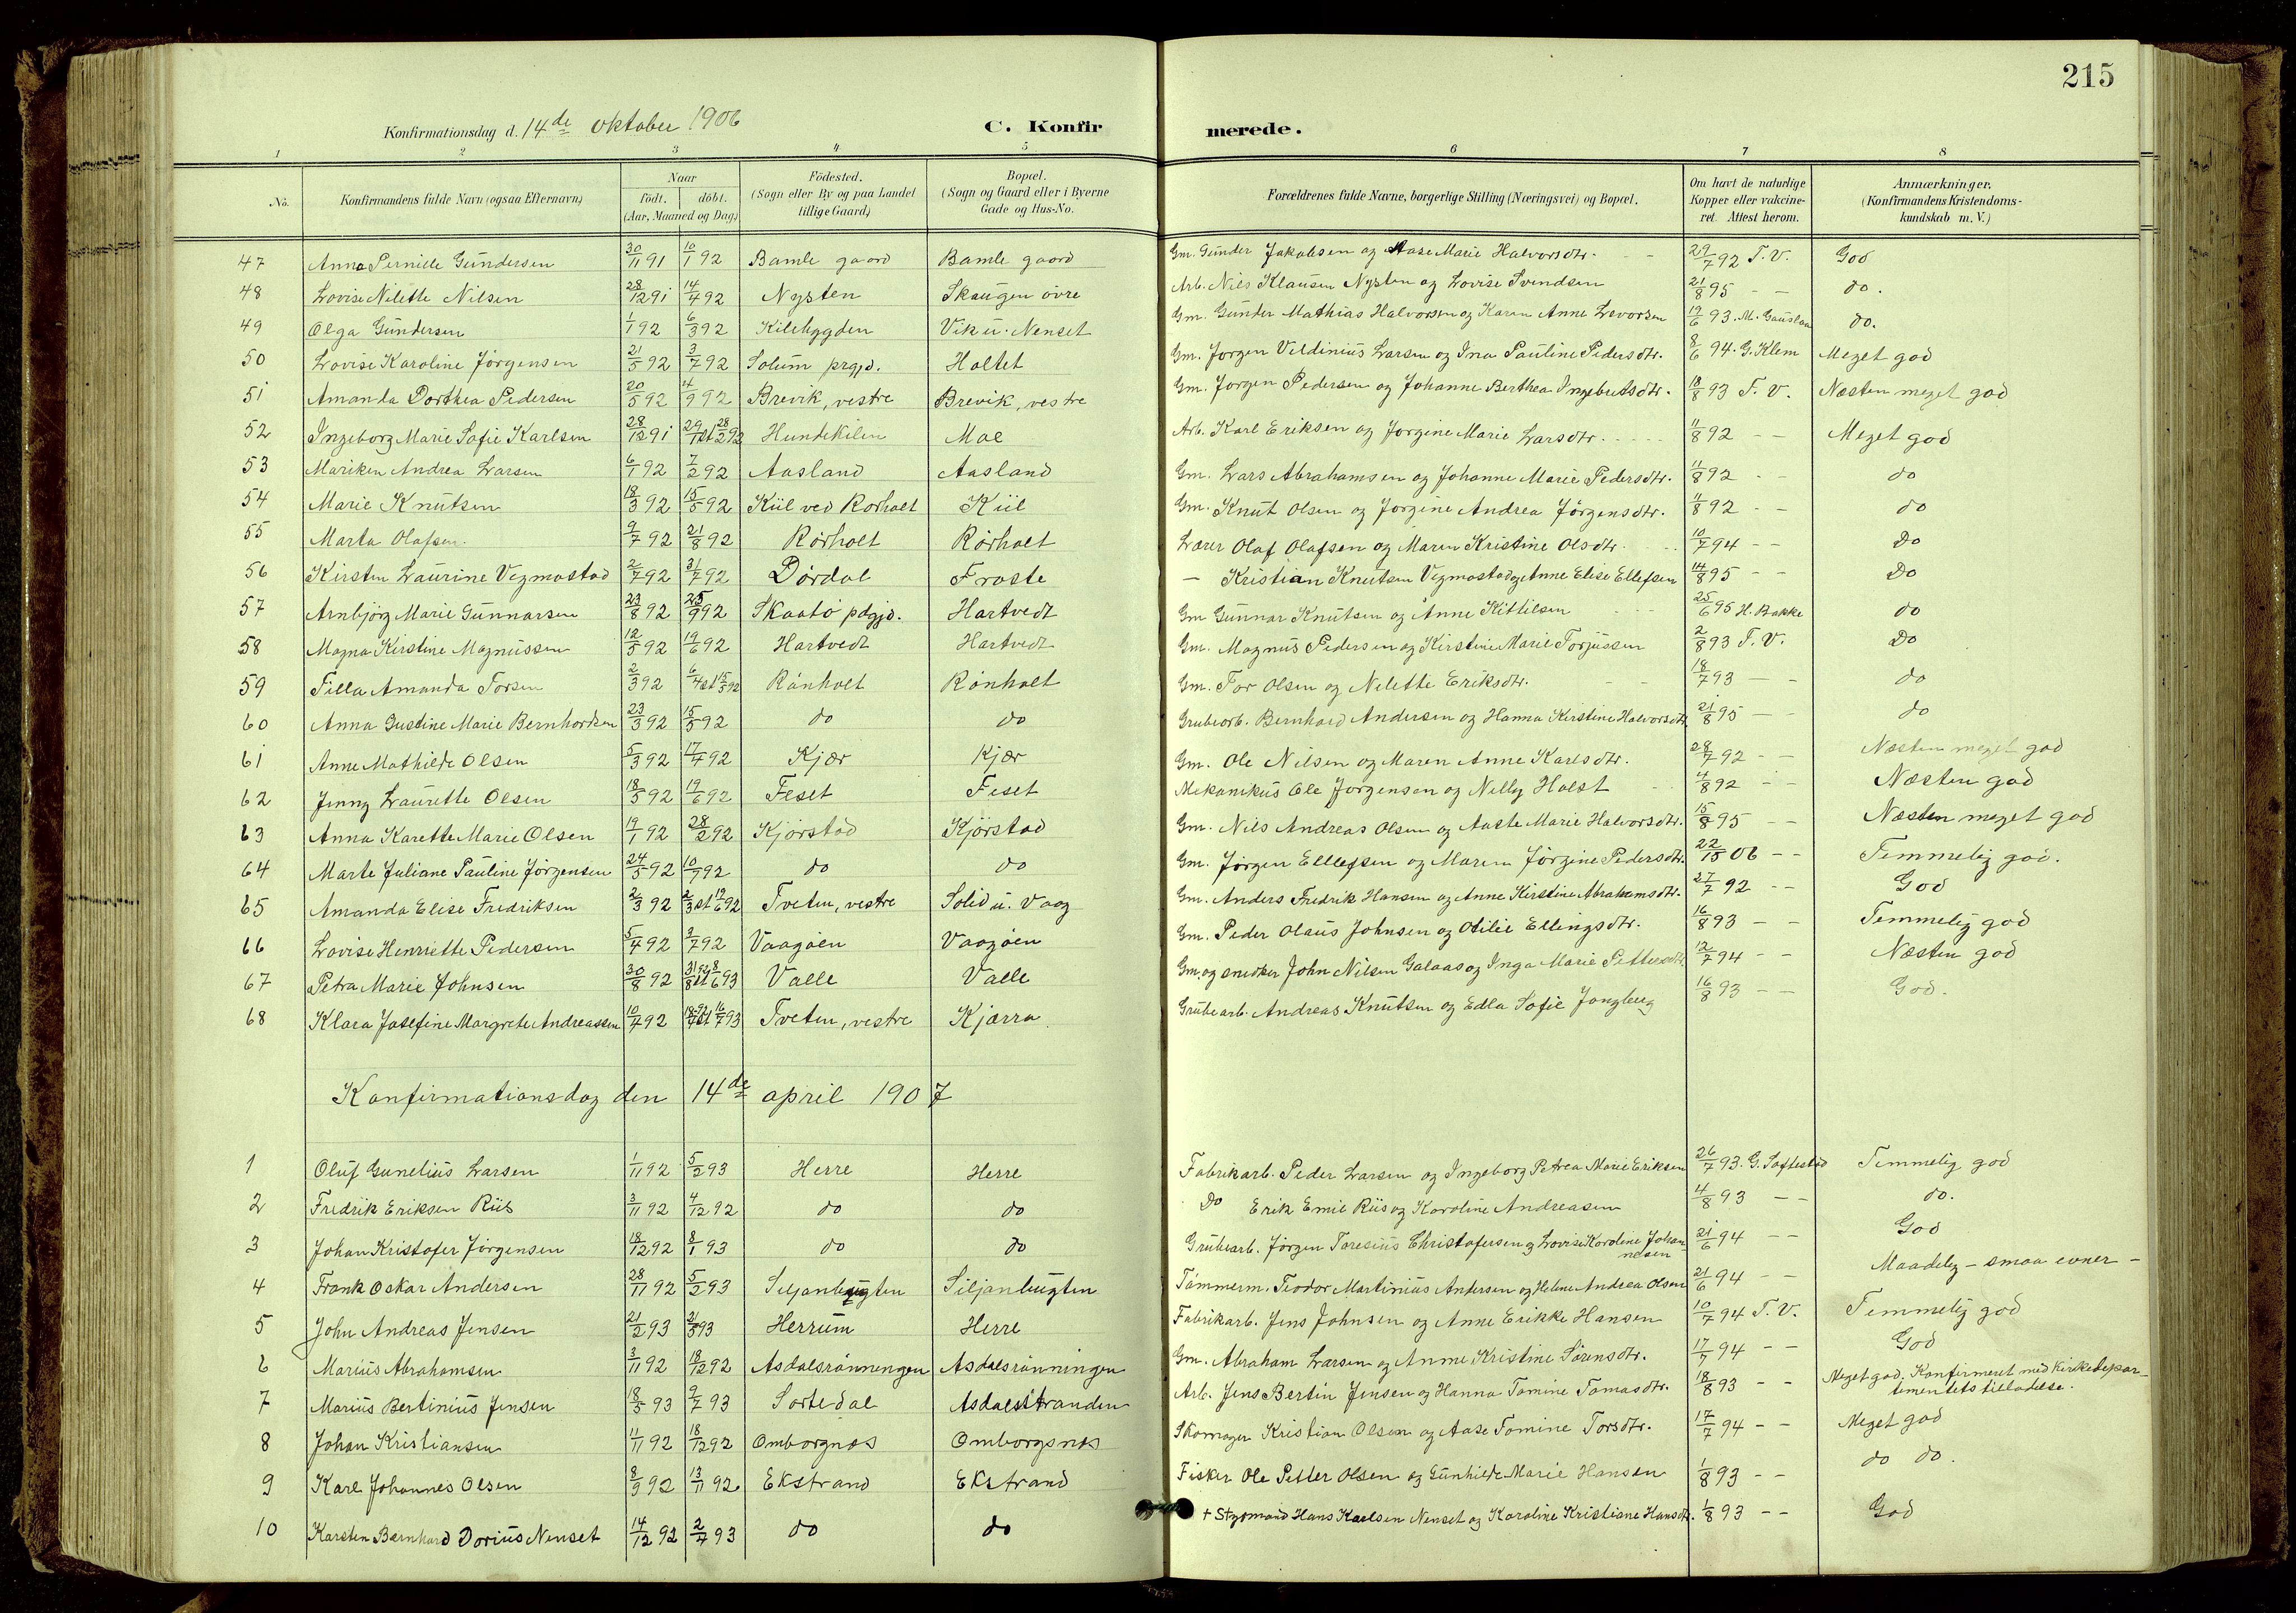 SAKO, Bamble kirkebøker, G/Ga/L0010: Klokkerbok nr. I 10, 1901-1919, s. 215